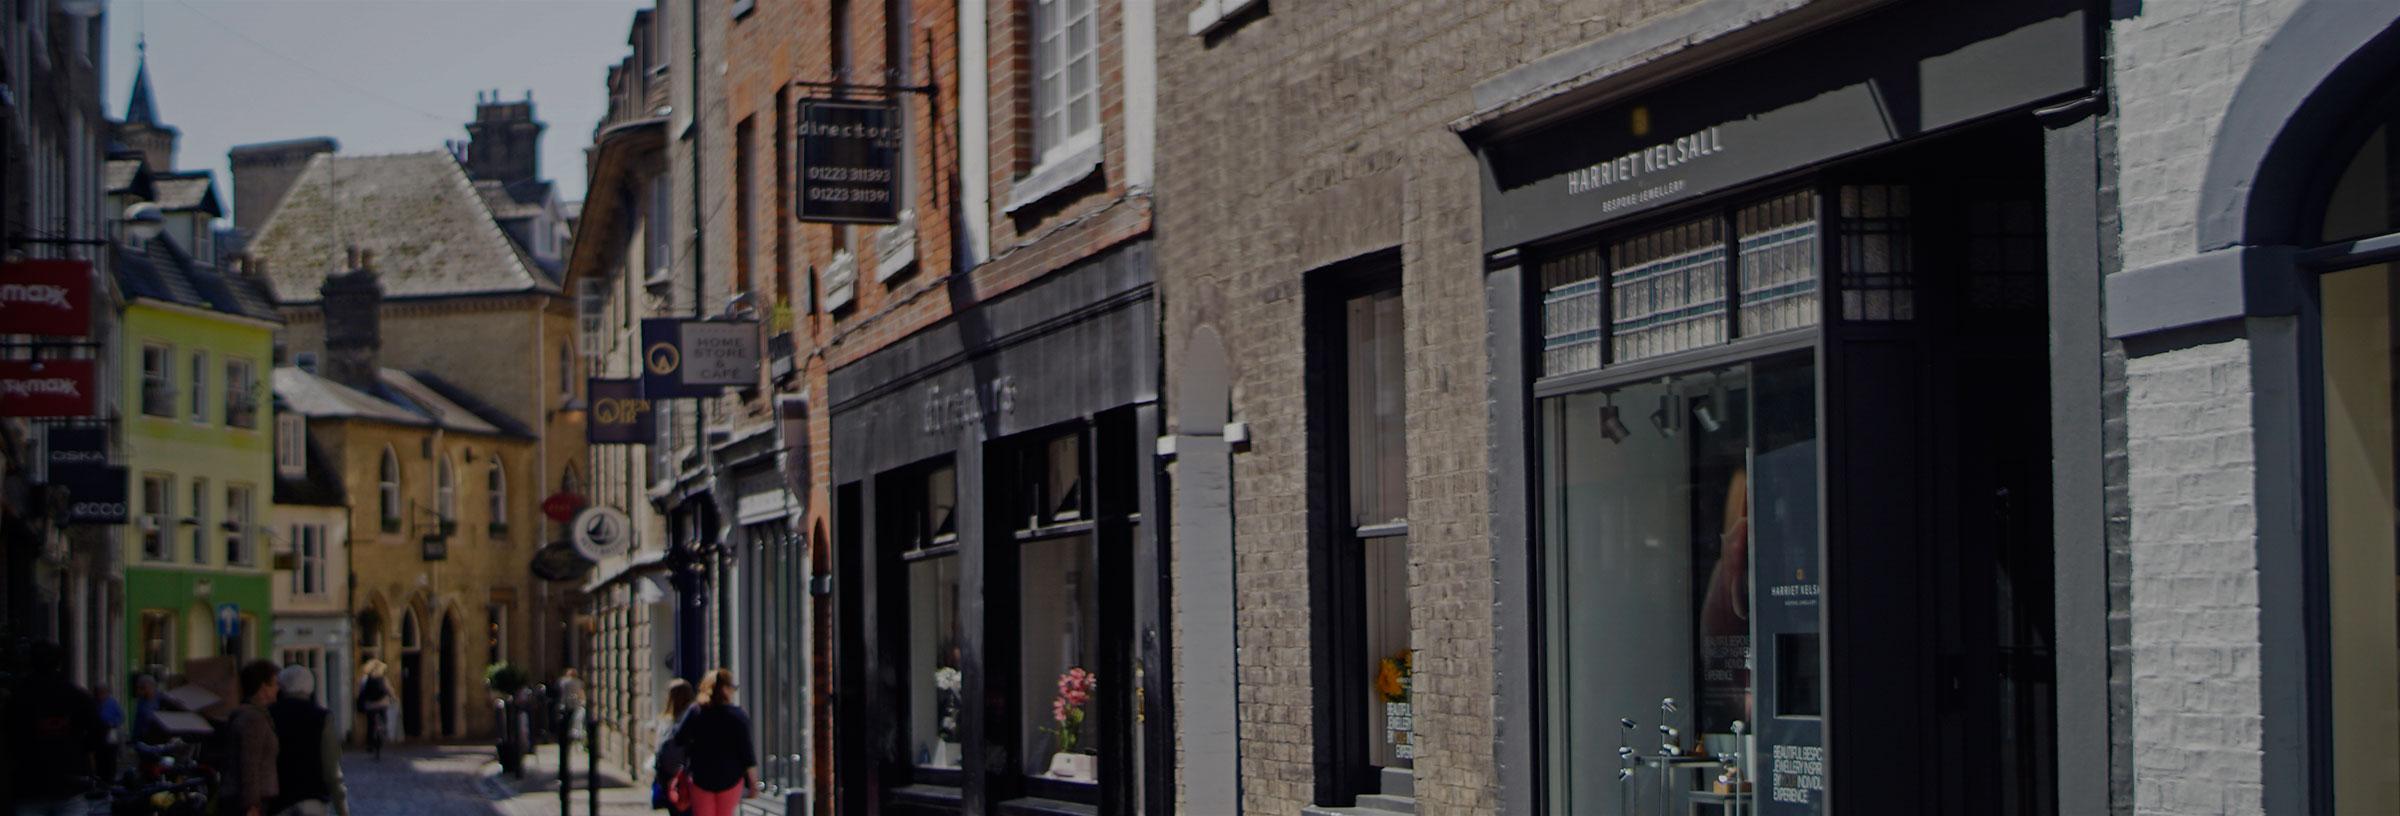 Photos of the Cambridge Studio